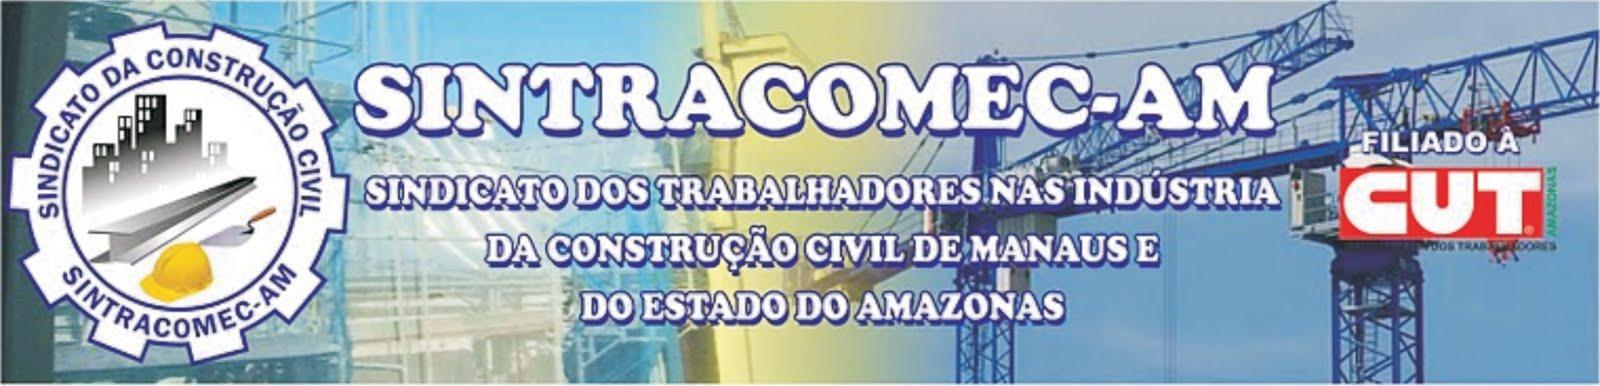 CONSTRUÇÃO CIVIL - SINTRACOMEC-AM